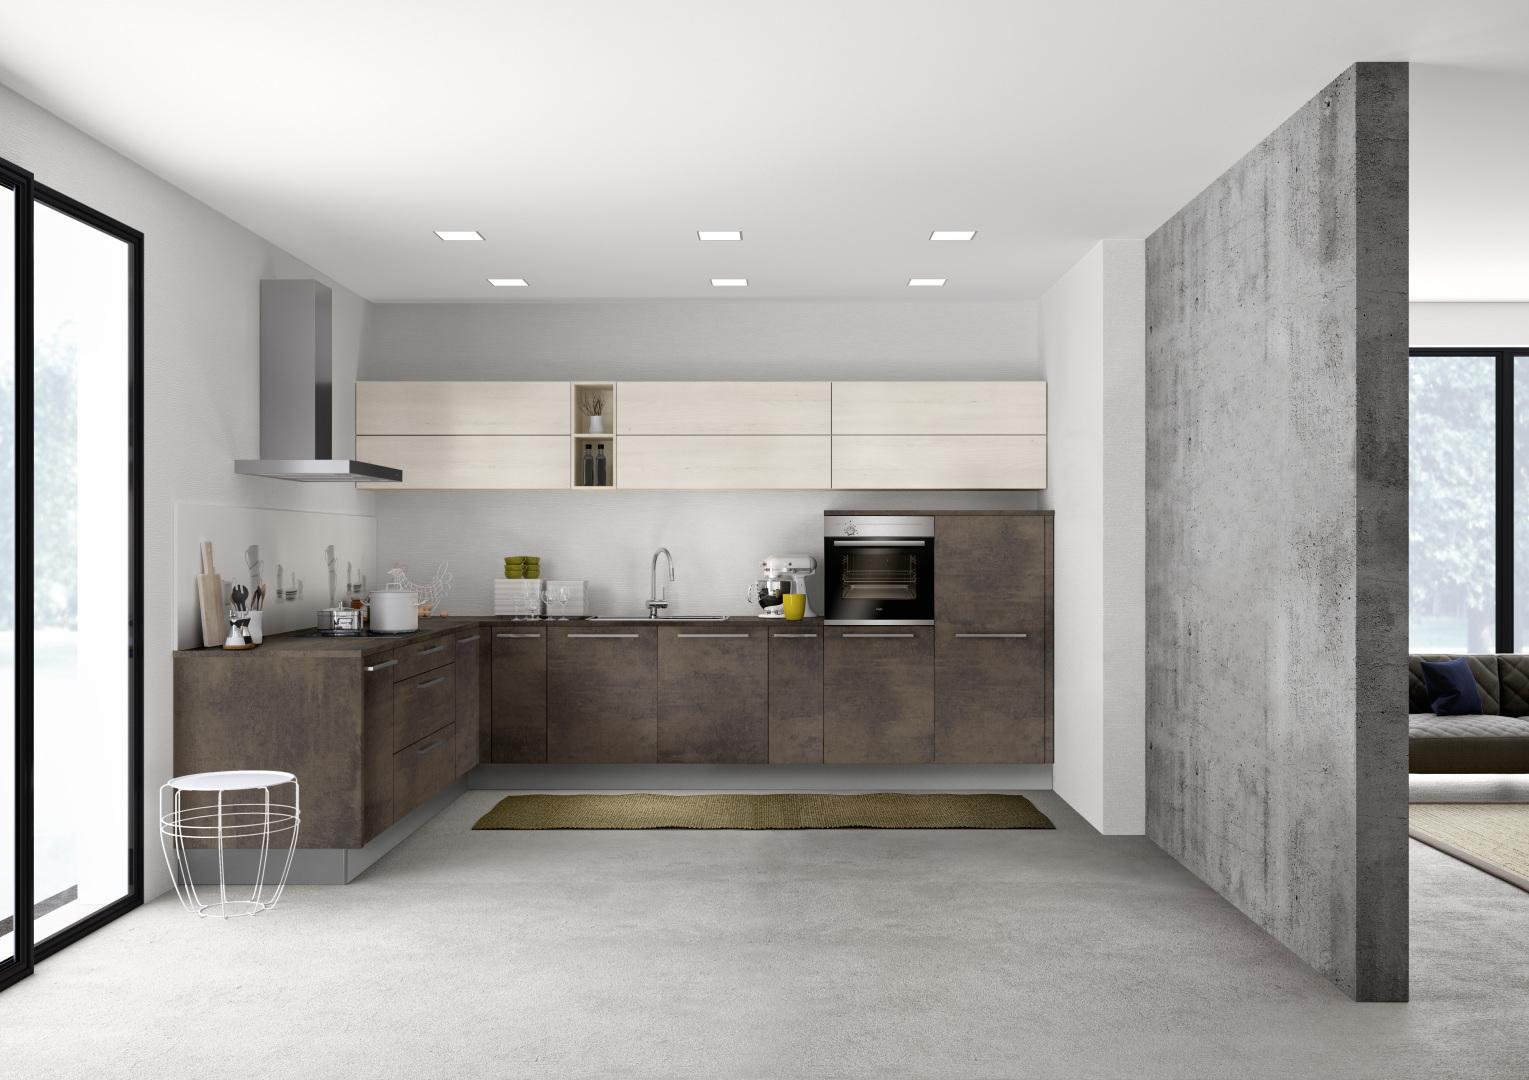 Full Size of Stone 265   Kupfer Oxid / Manhattan 49b   Kiruna Birke Küche Einbauküche Mit E Geräten